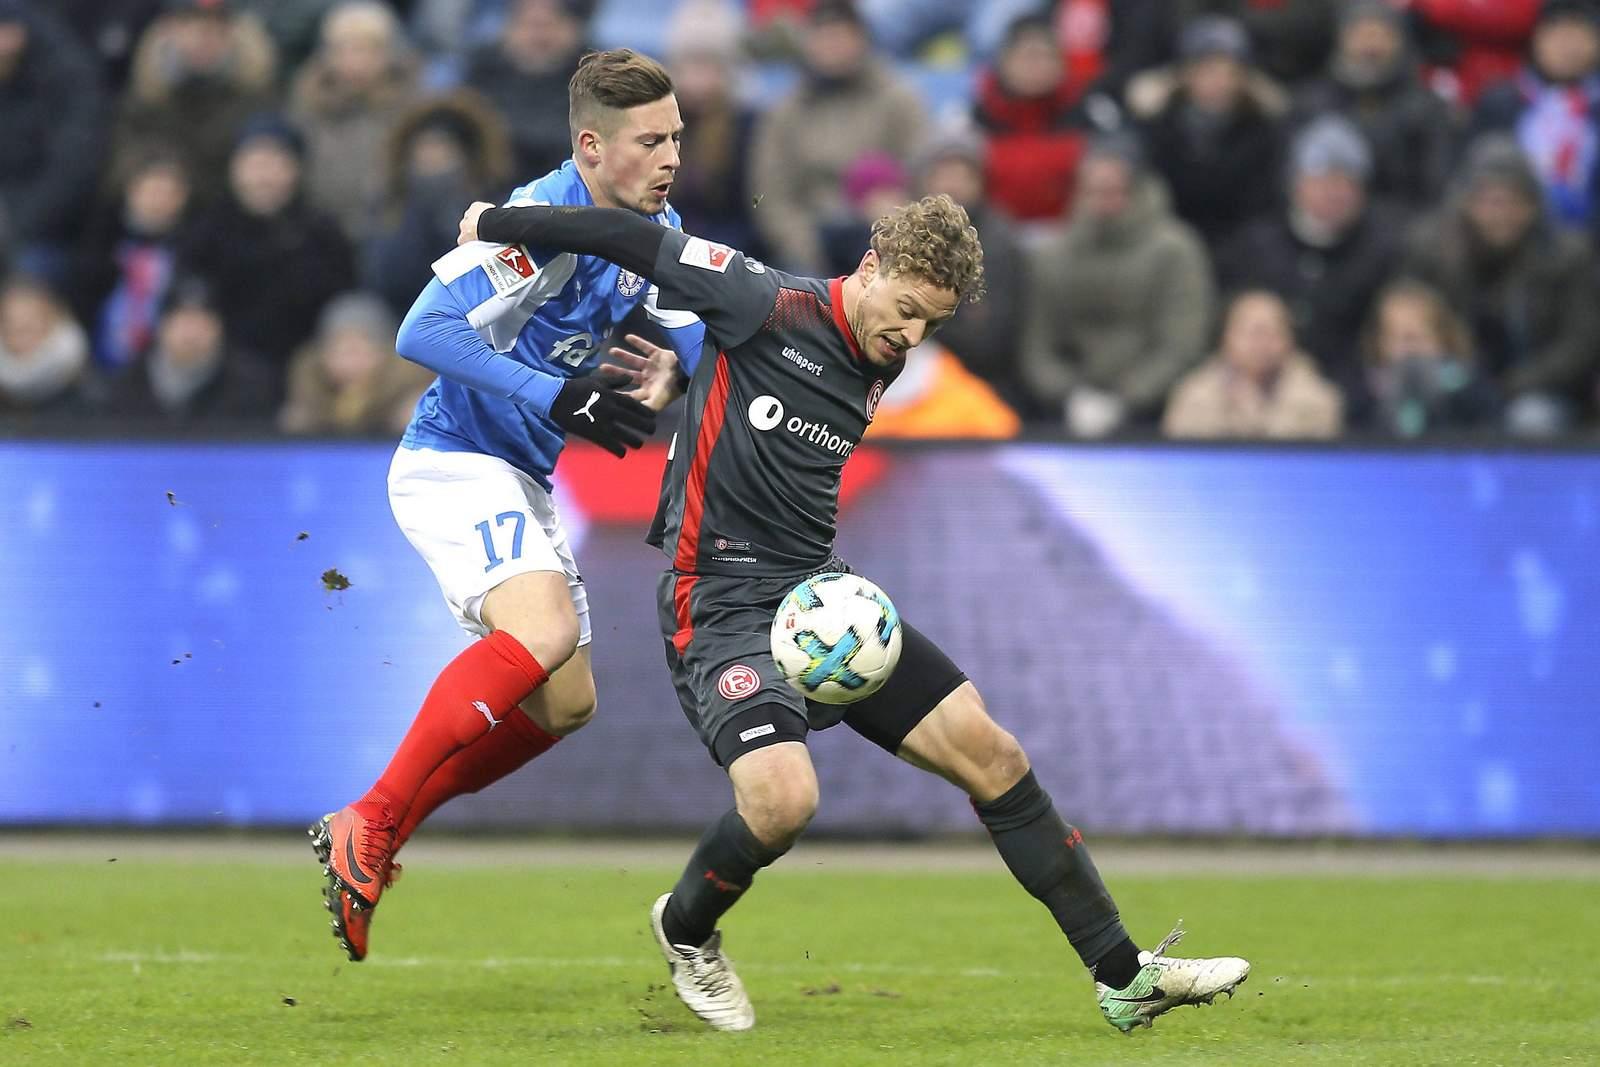 Julian Schauerte von Fortuna Düsseldorf gegen Steven Lewerenz von Holstein Kiel